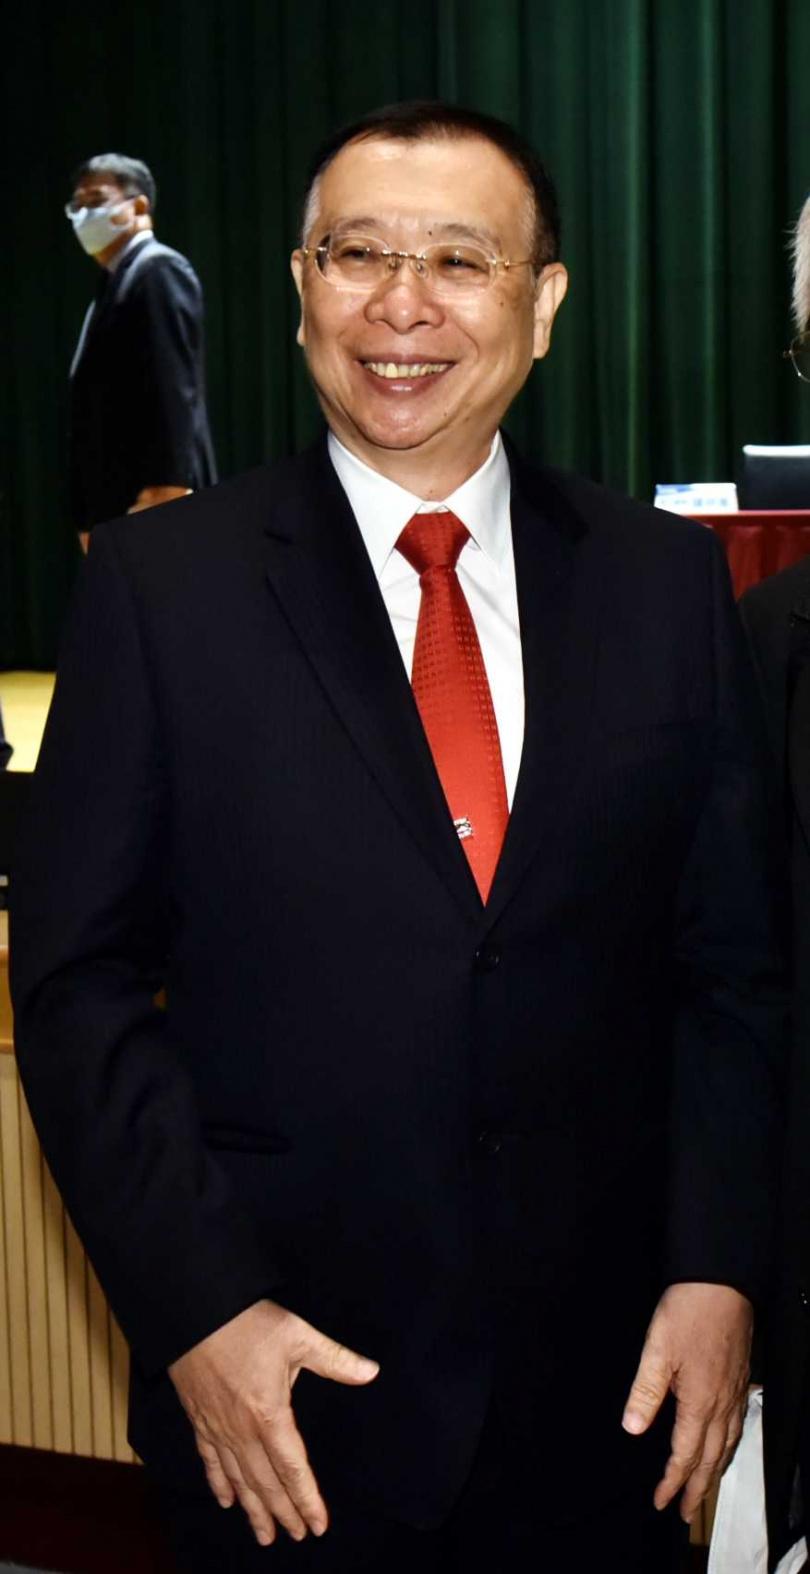 台鋼會長謝裕民曾說,讓他東山再起的貴人即是益達利董事長蔡玉葉。